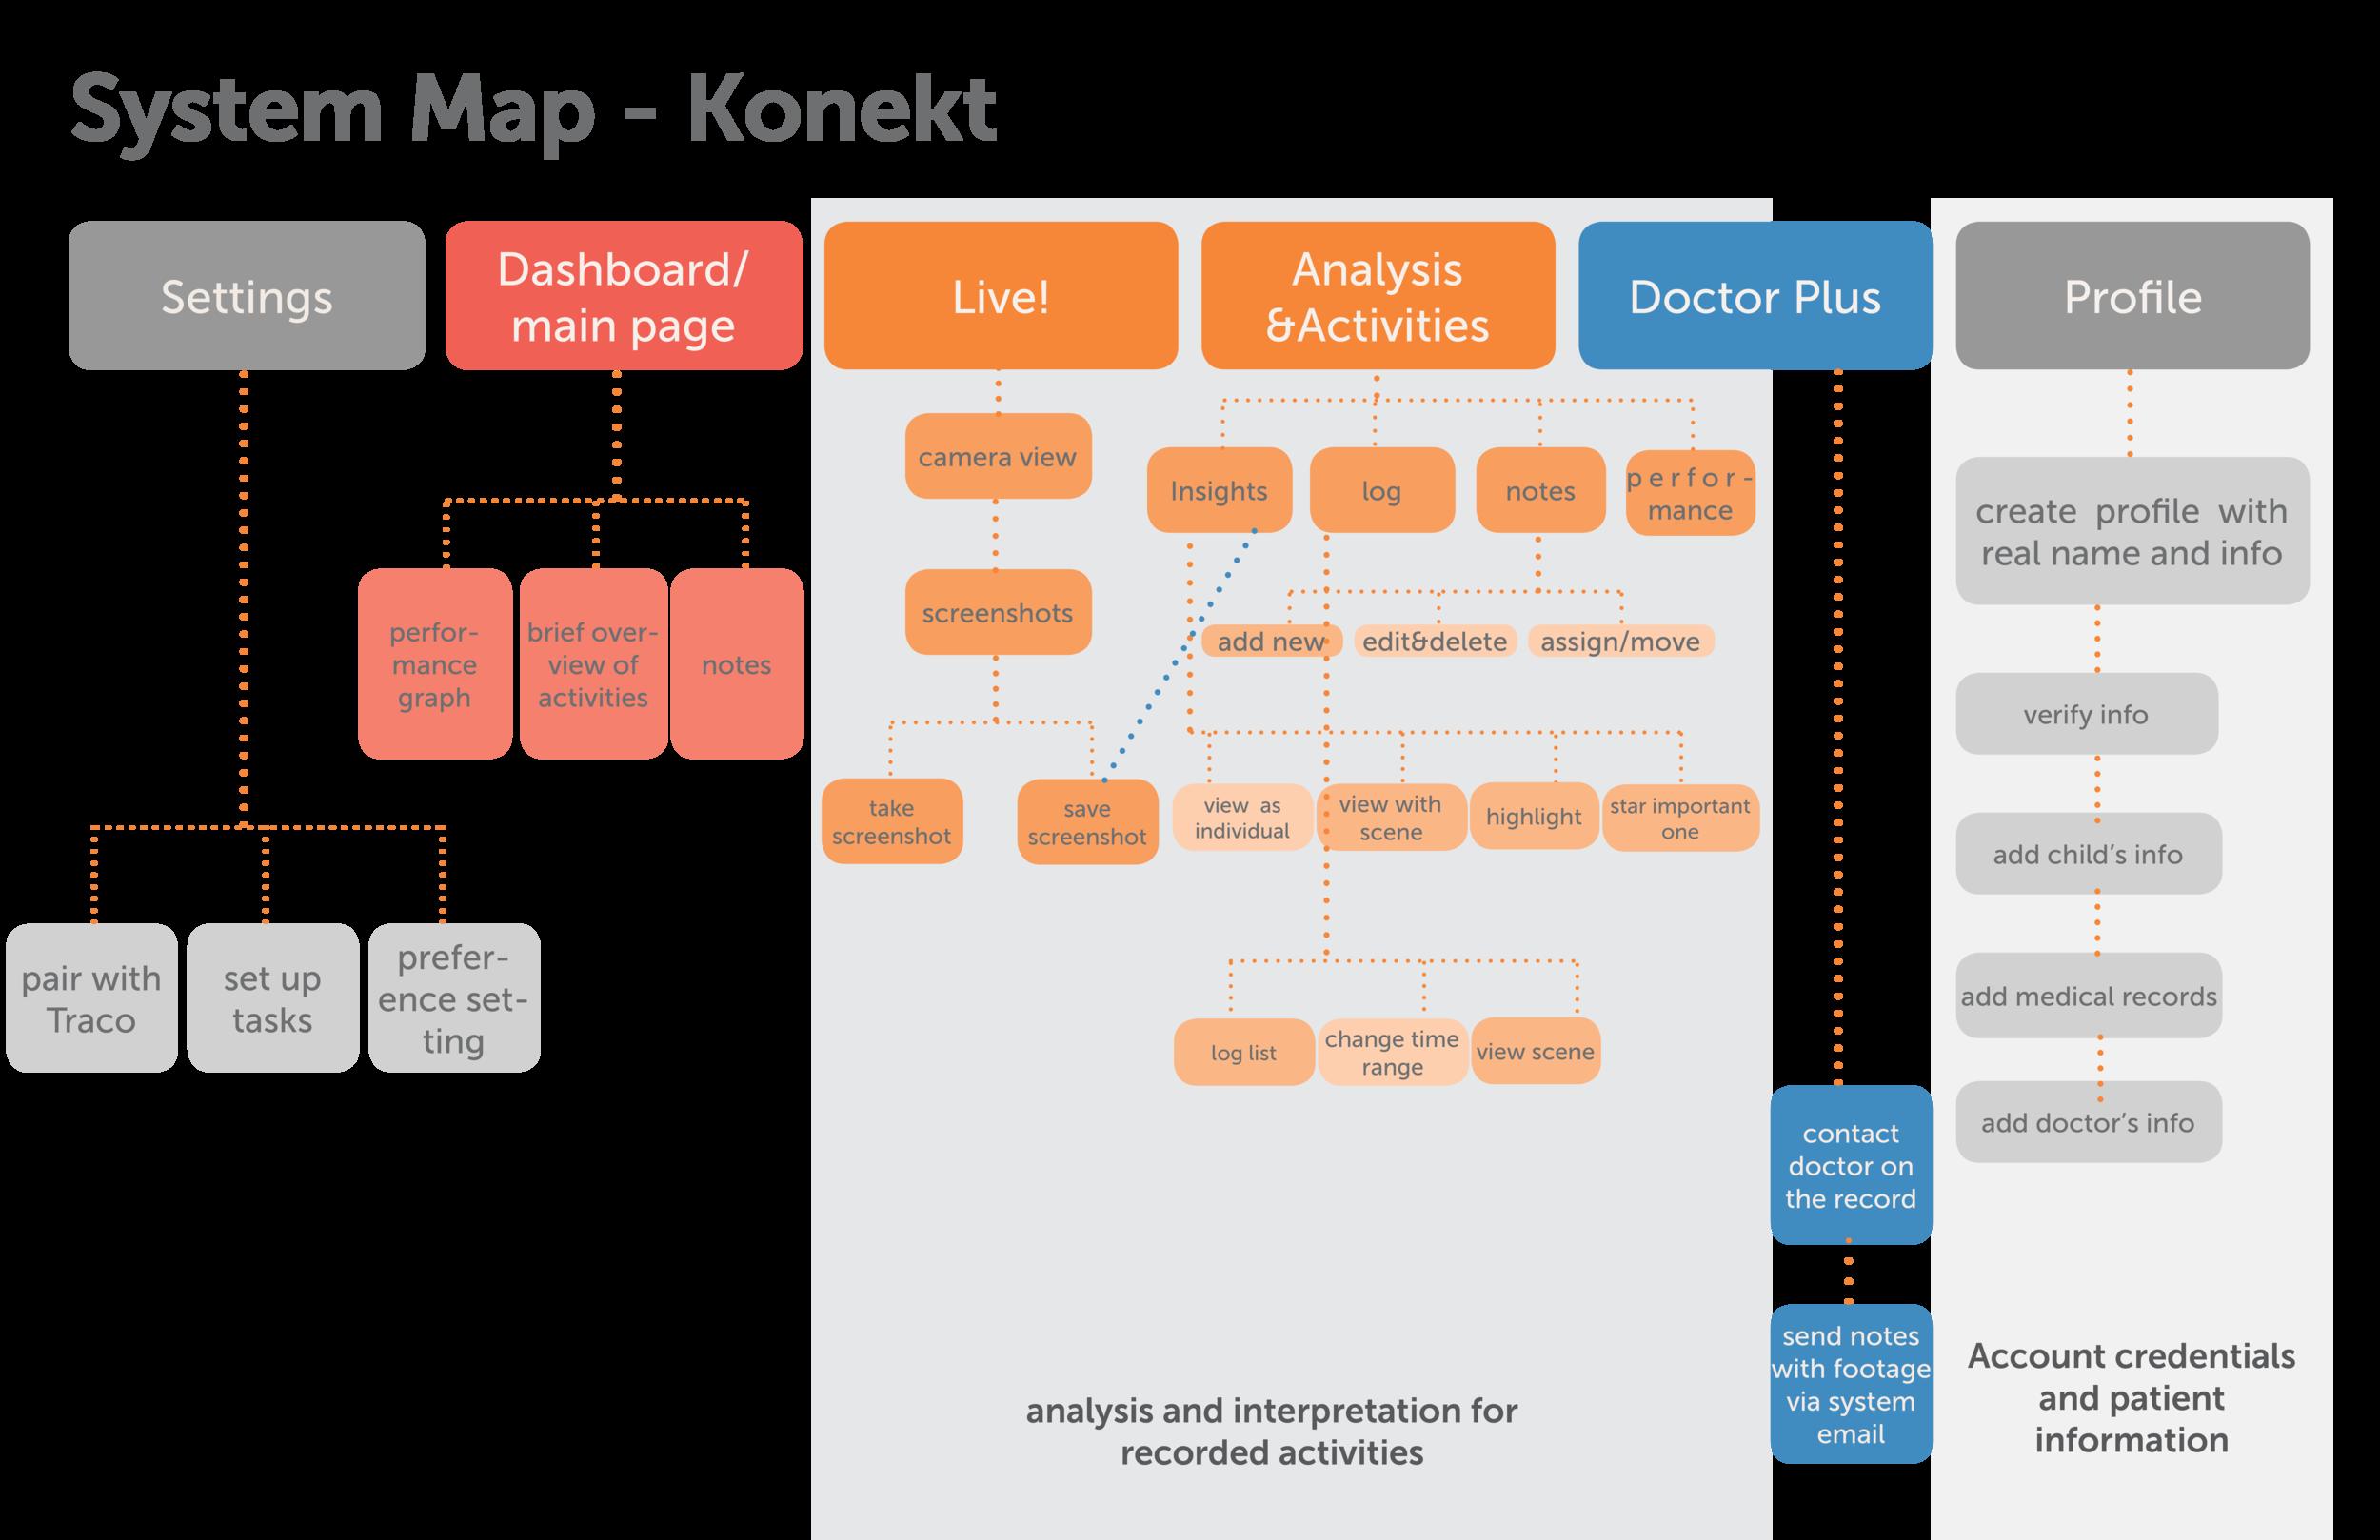 structure map for Konekt mobile app